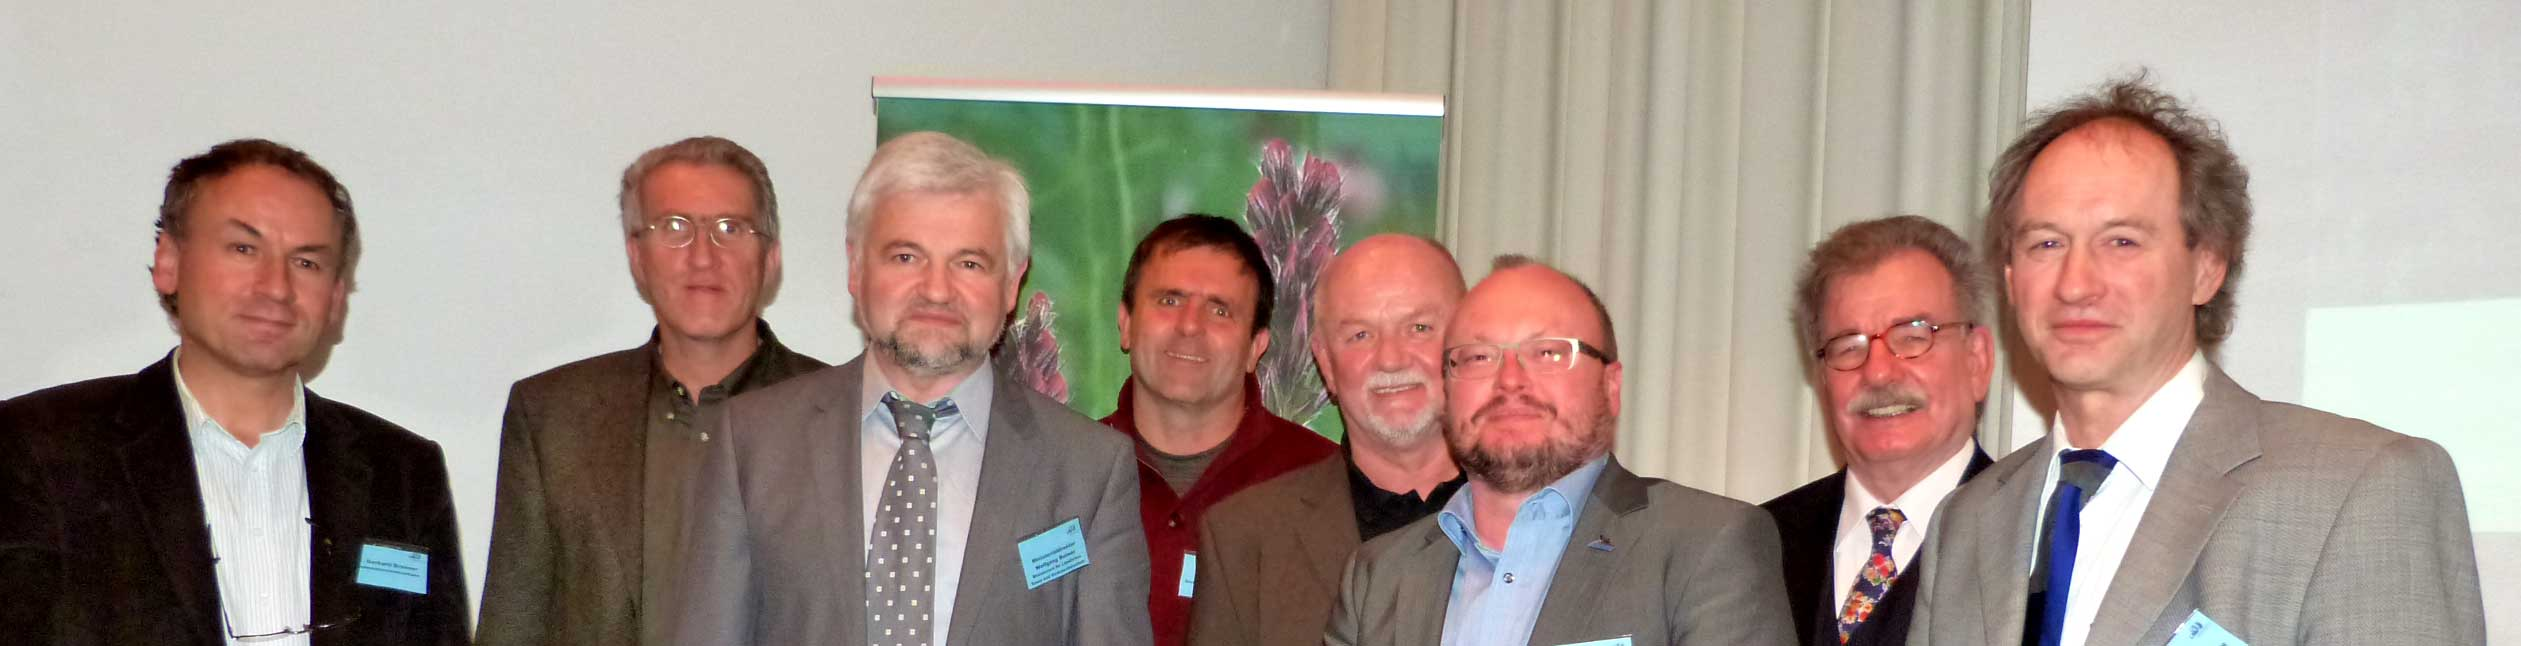 Von links nach rechts: Dr. Gerhard Bronner, Jost Einstein, Wolfgang Reimer, Mathias Kramer, Karl Giebeler, Claus Mayr, Reiner Ehret, Norbert Höll Es fehlen: Prof. Dr. Thomas Potthast, Ralf Worm